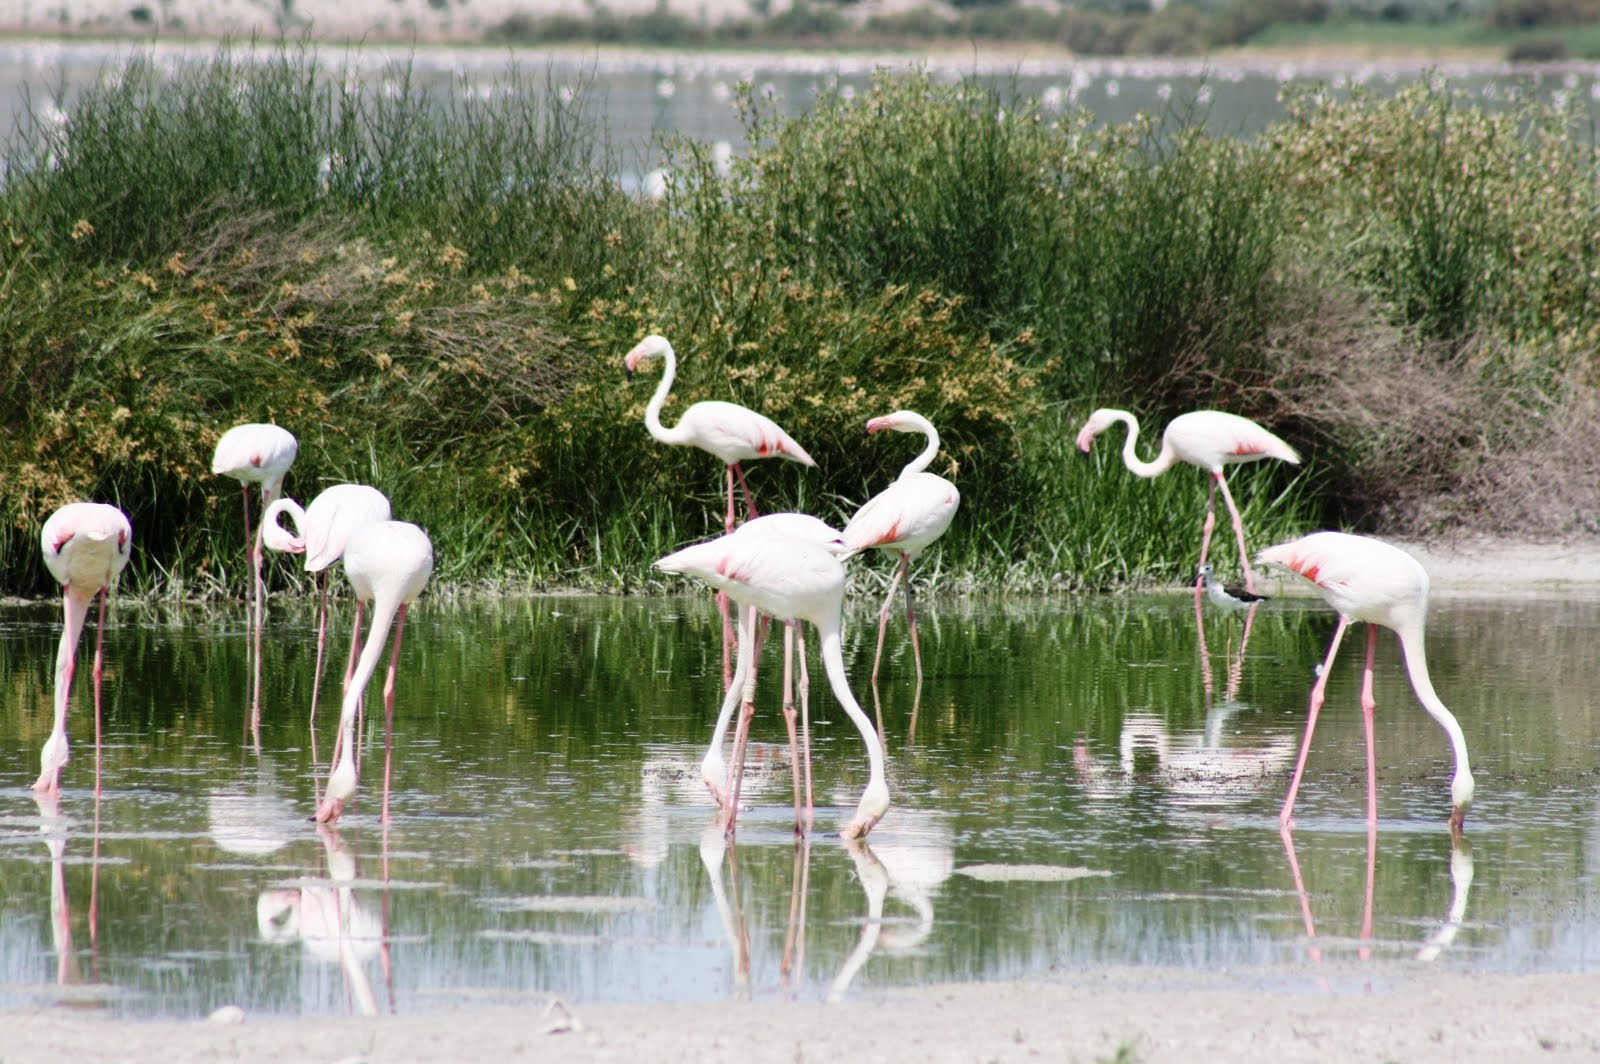 Las colonias de flamenco rosa también son maravillas naturales típicas de Andalucía.